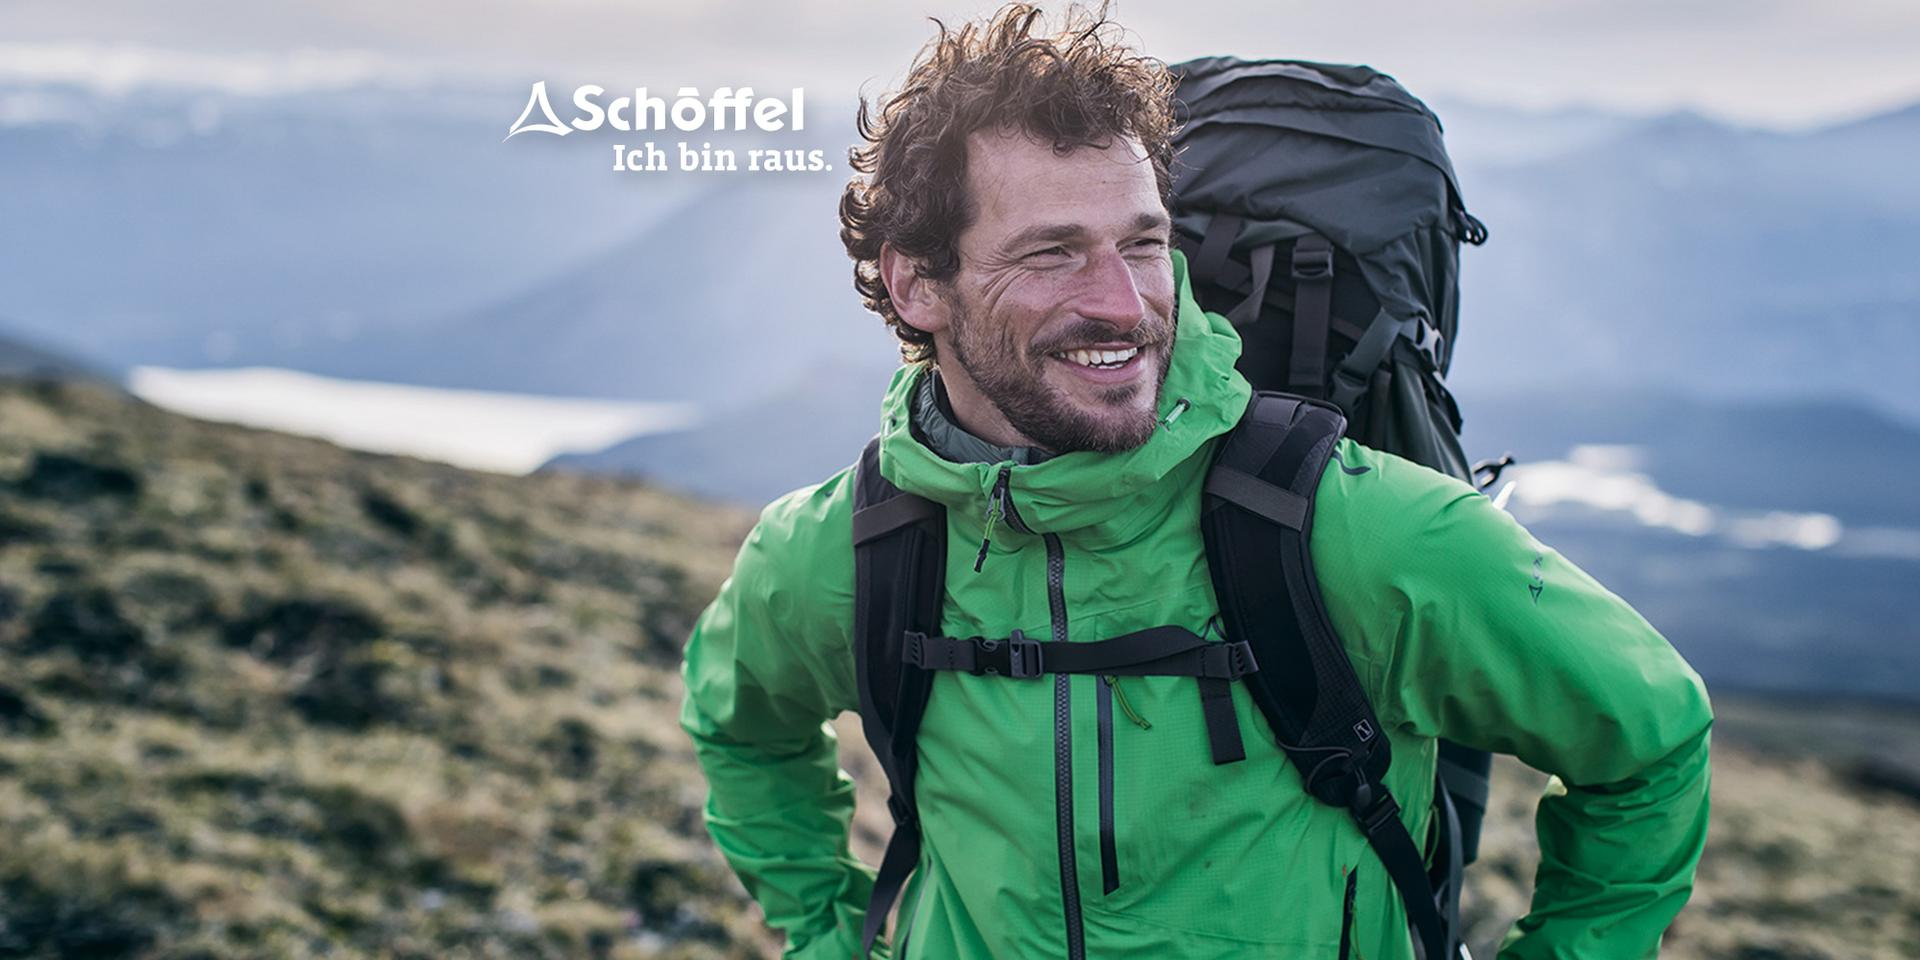 Ein Mann wandert durch eine Berglandschaft und trägt eine Schöffel Zipin Jacke.